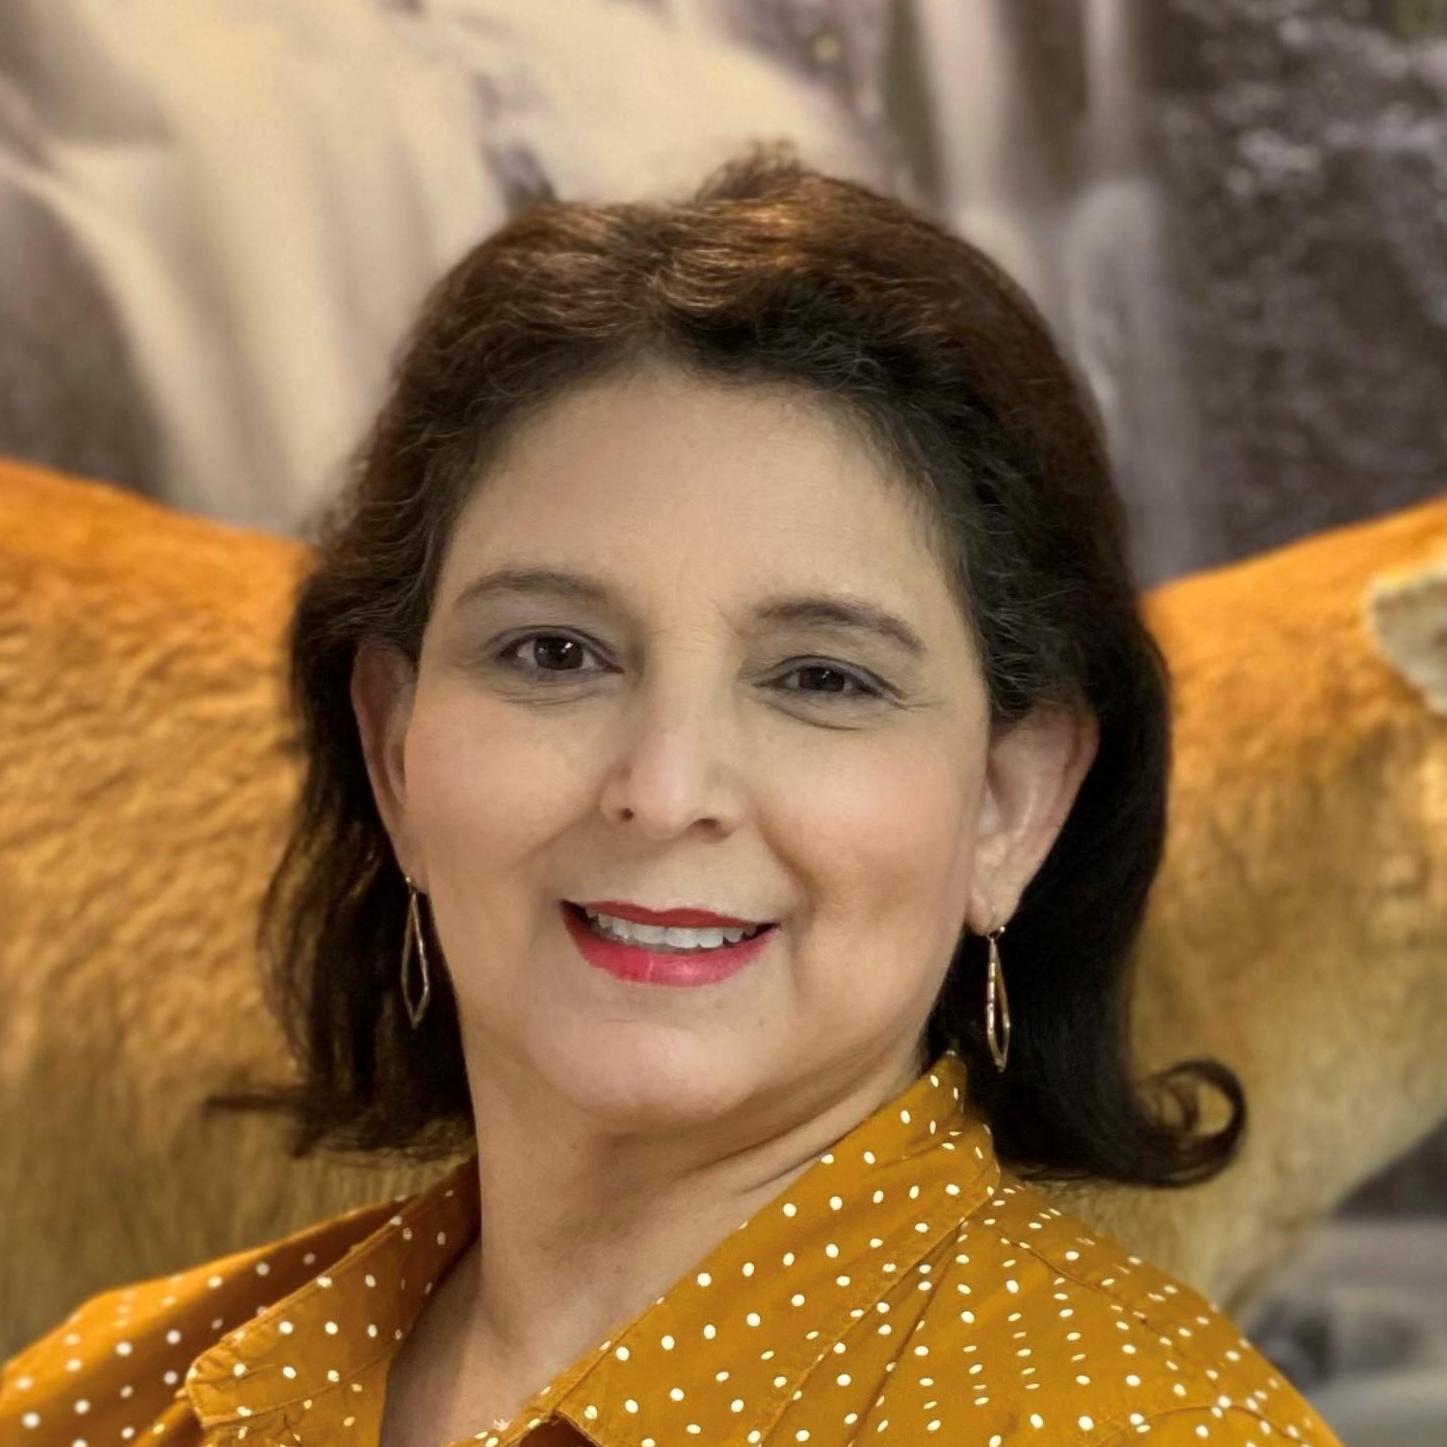 Viola x Alaniz's Profile Photo